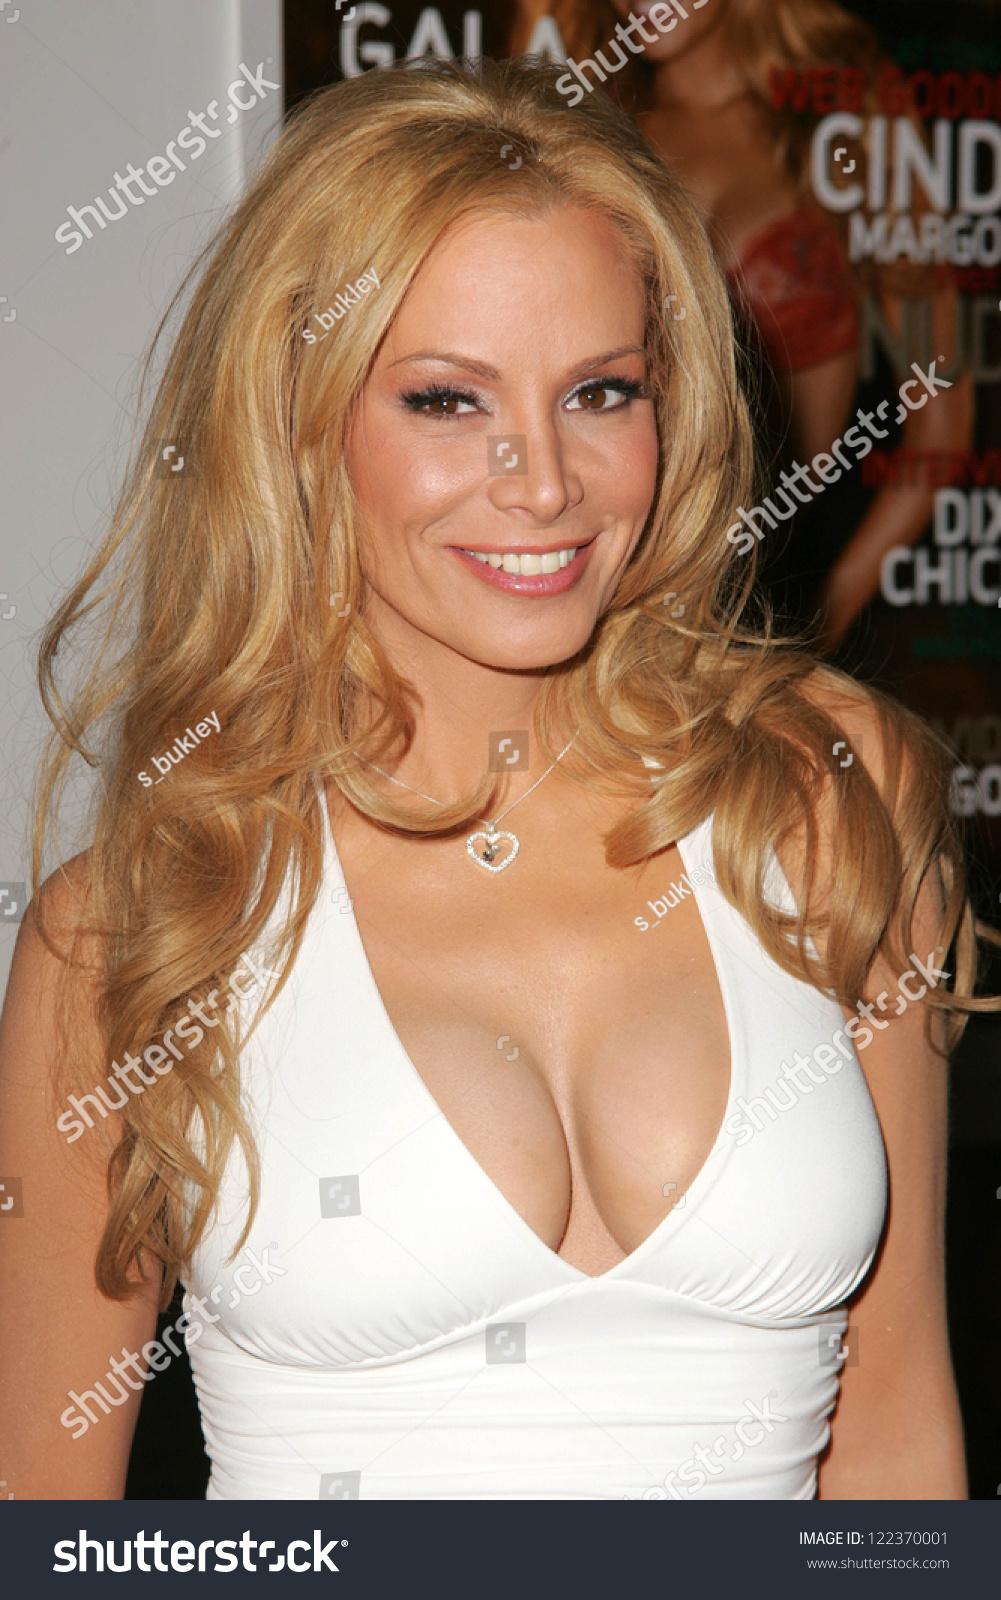 Cindy Margolis Nude Photos 6